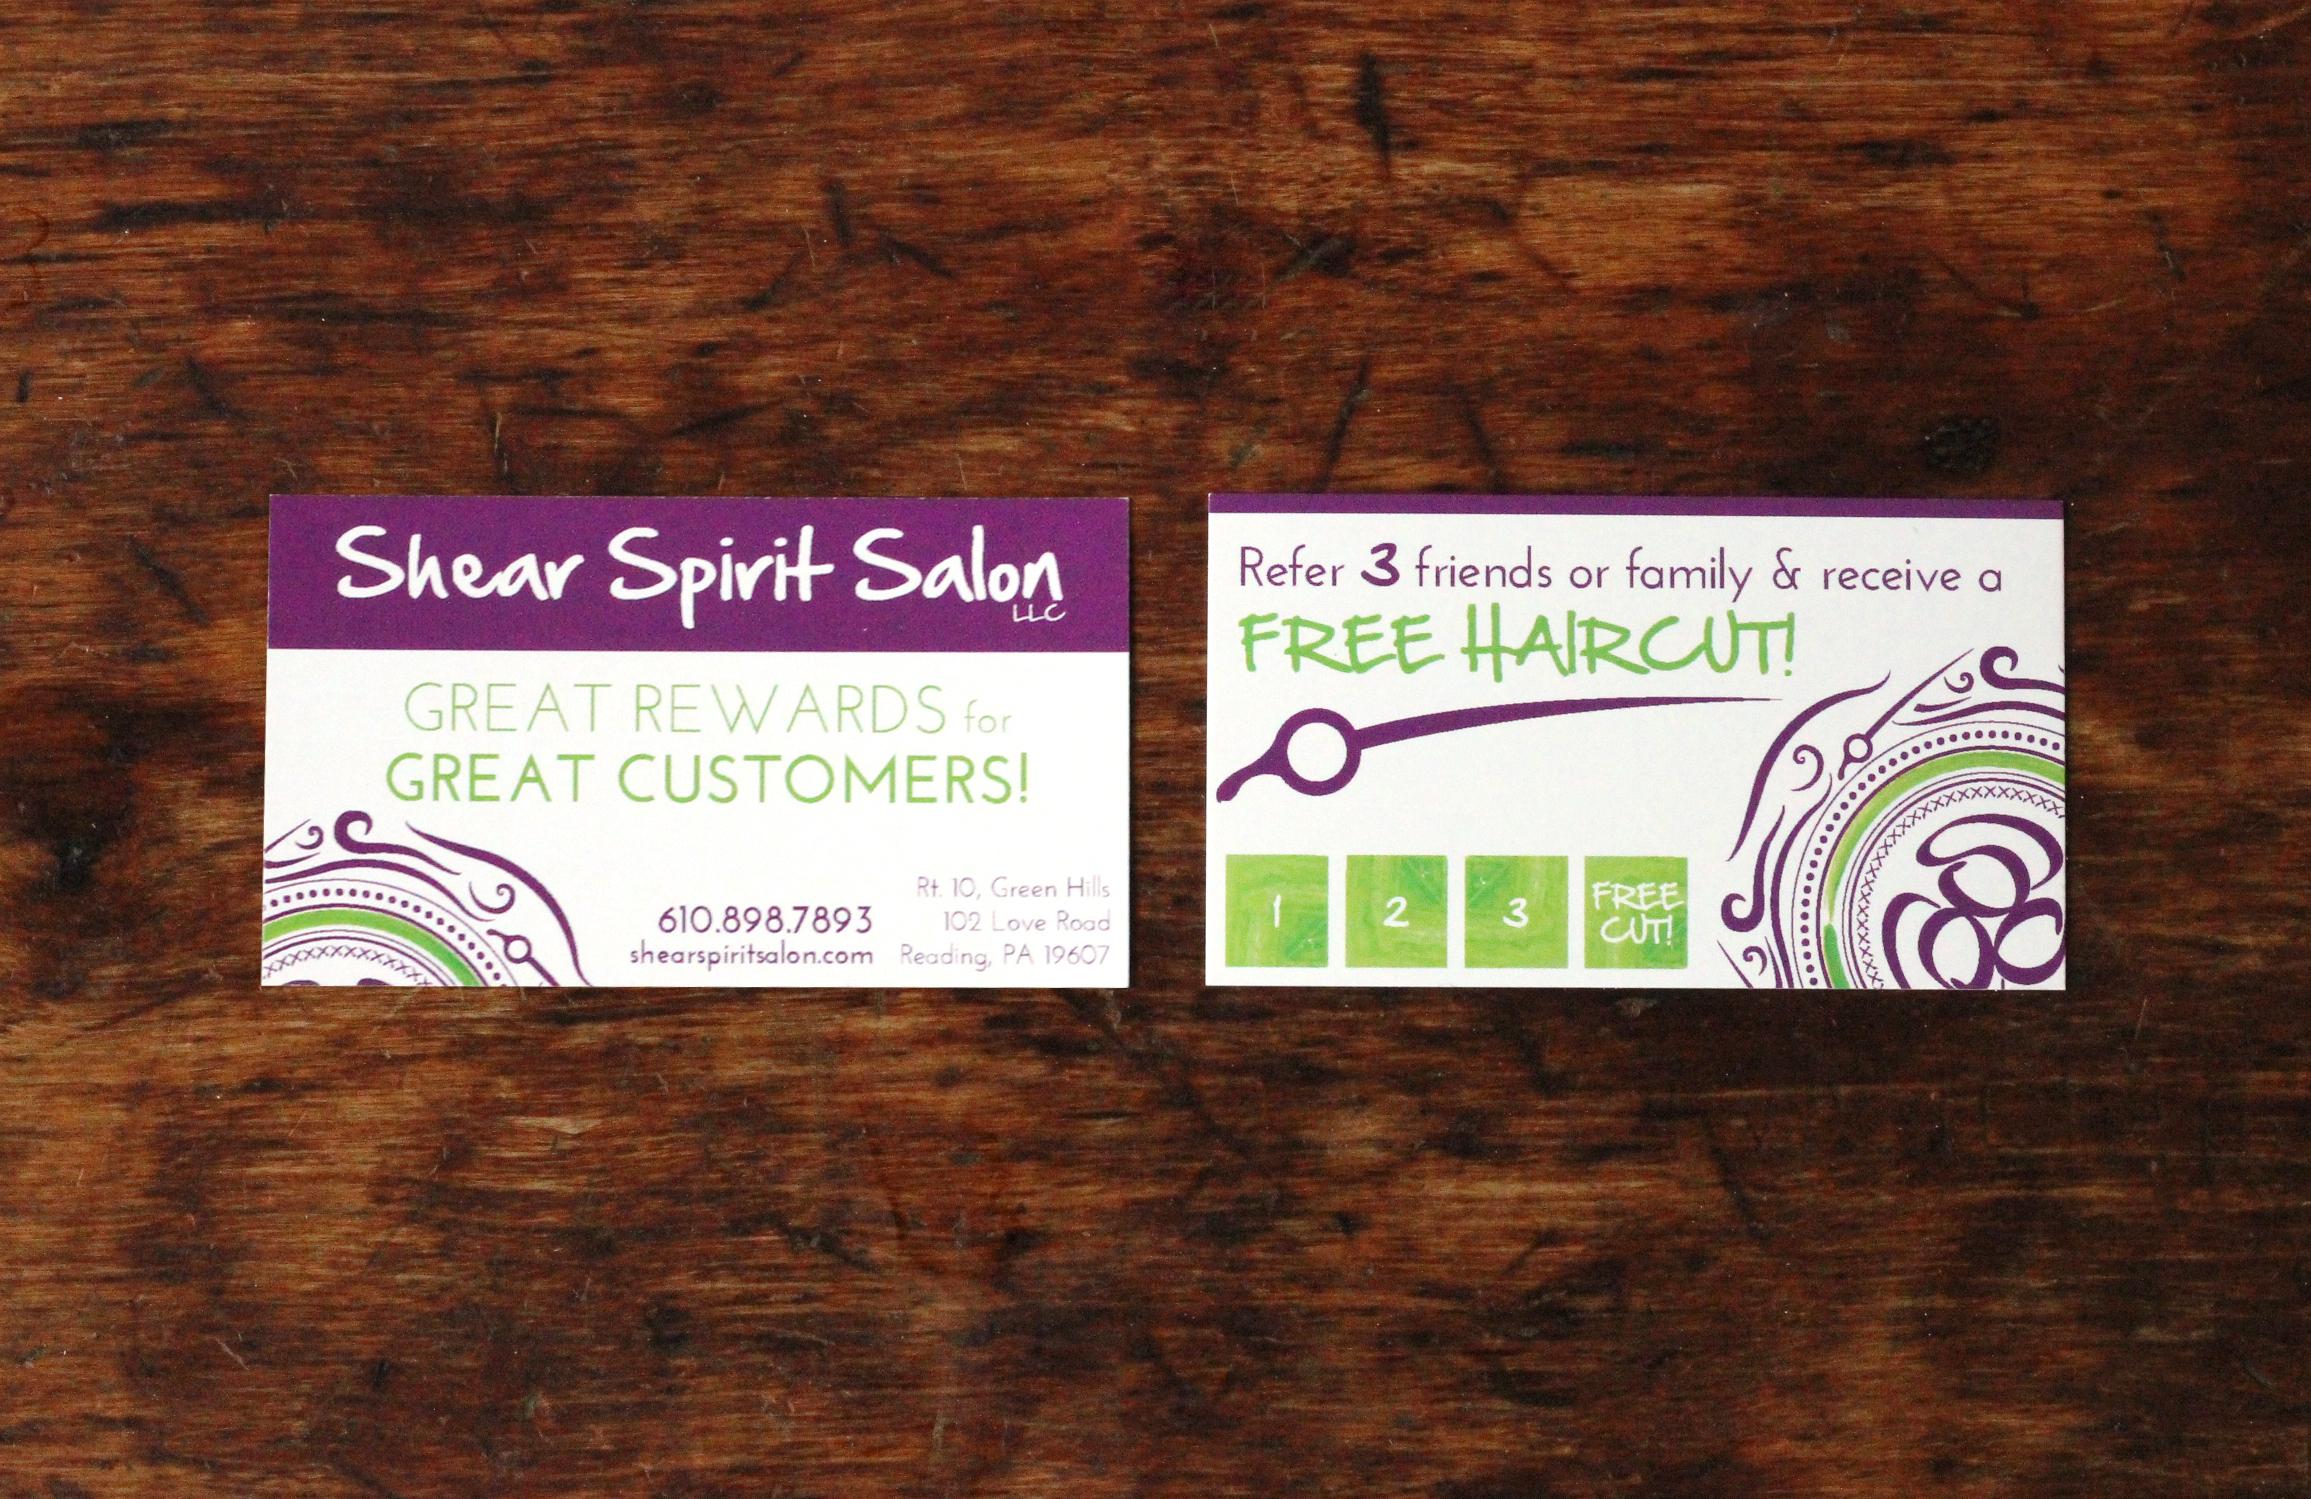 shear spirit salon | referral card